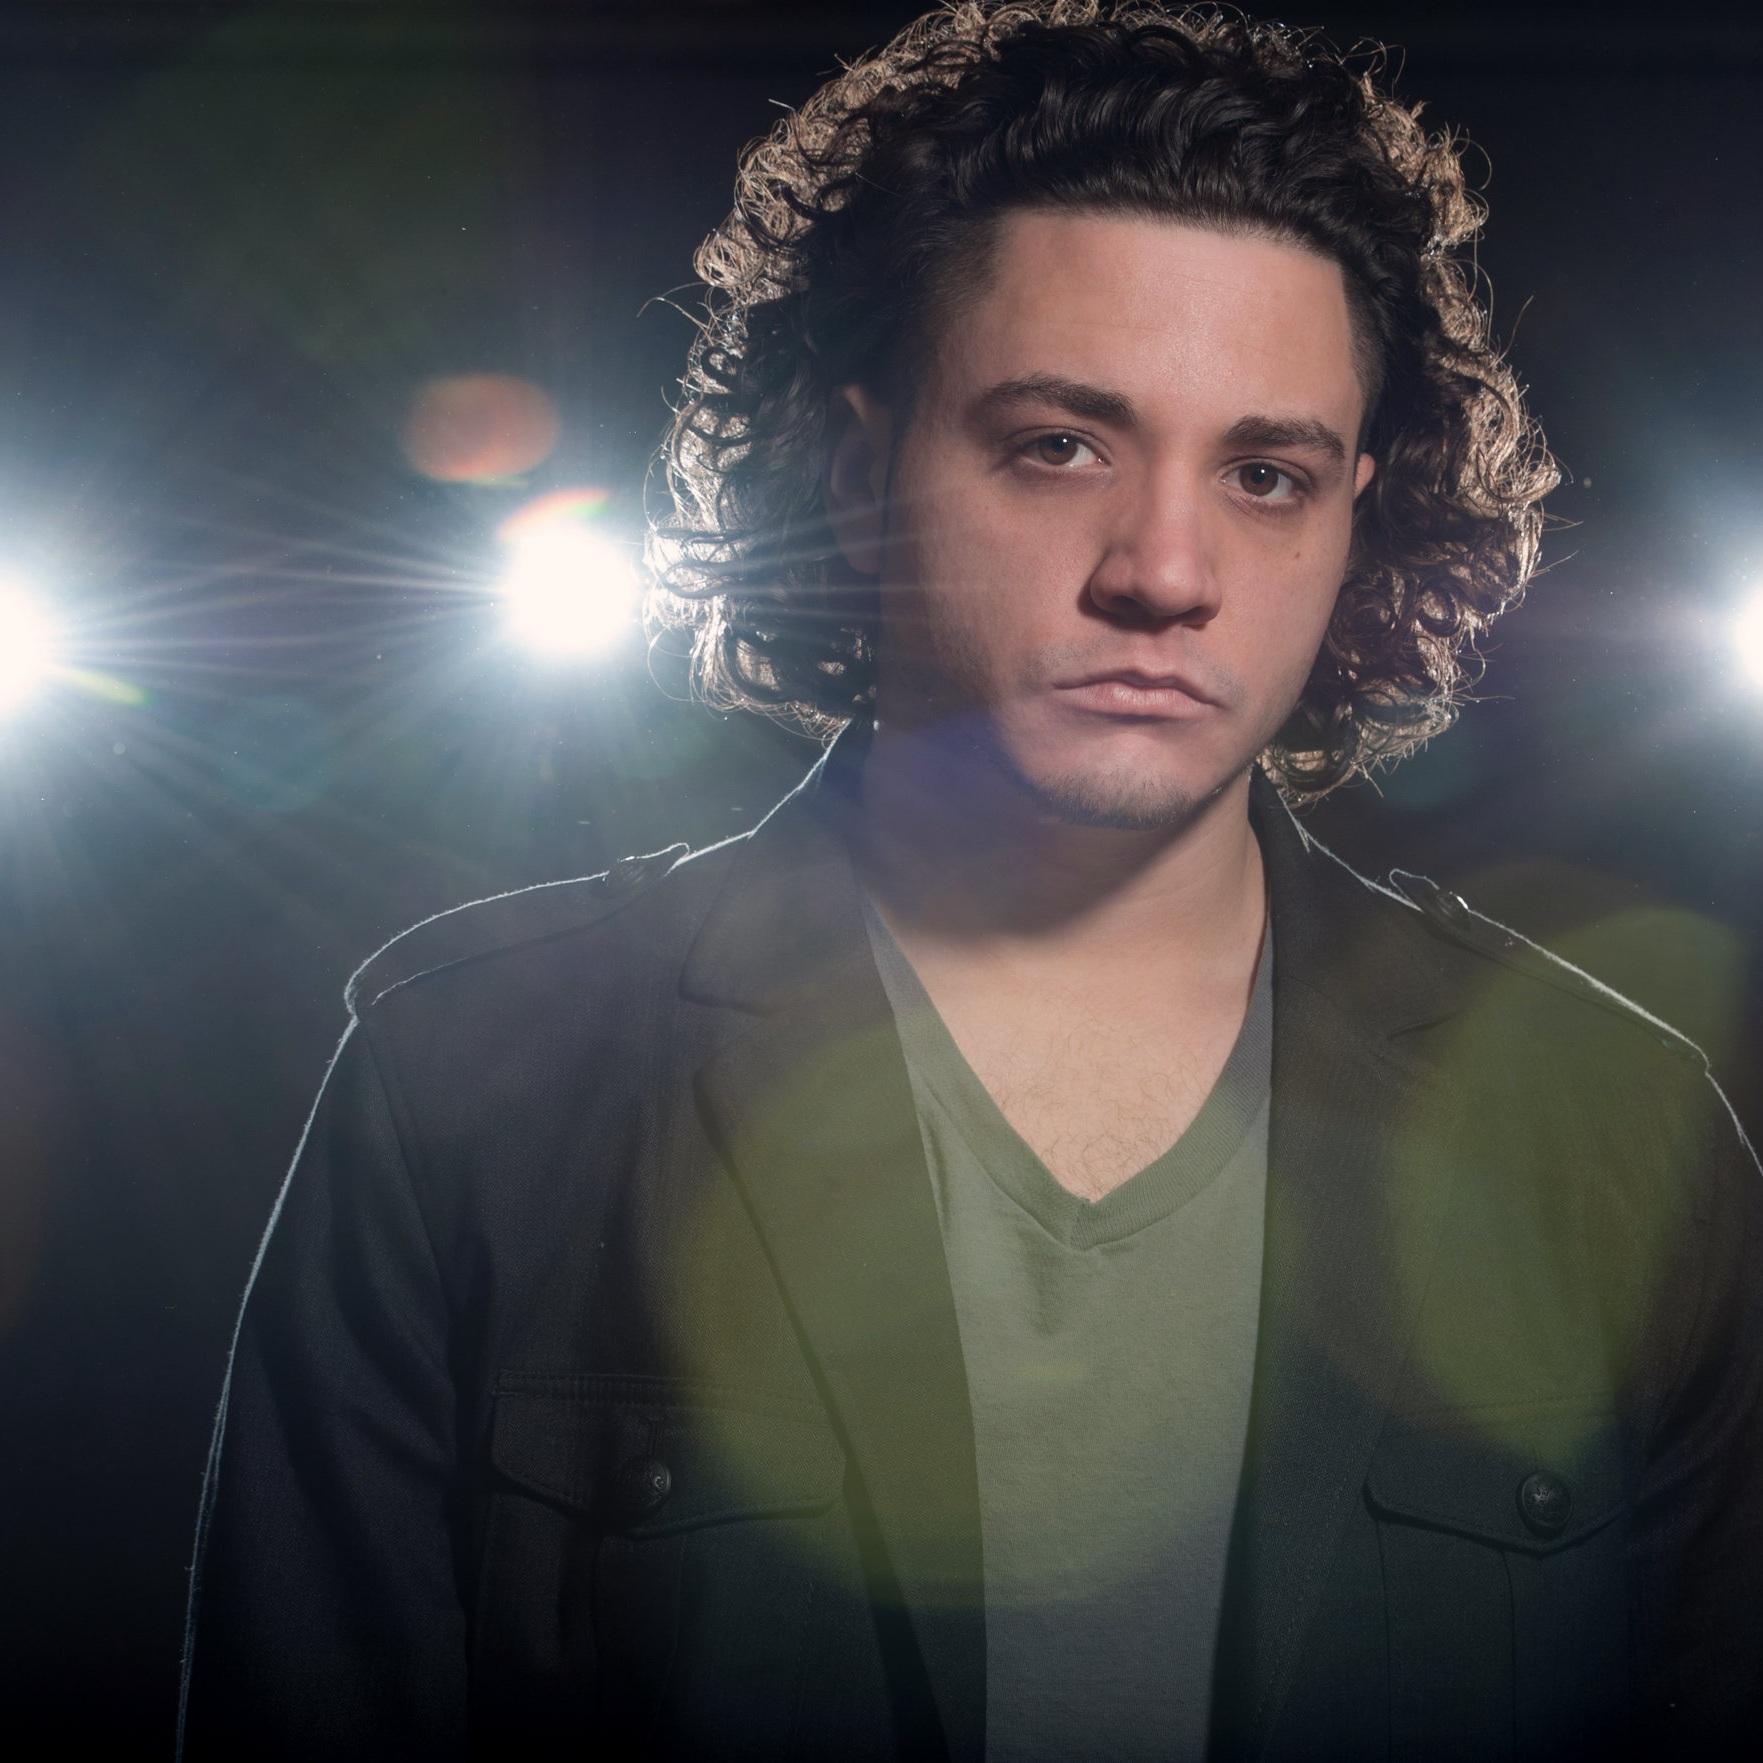 RUNNER-UP - Josh PereiraUSA